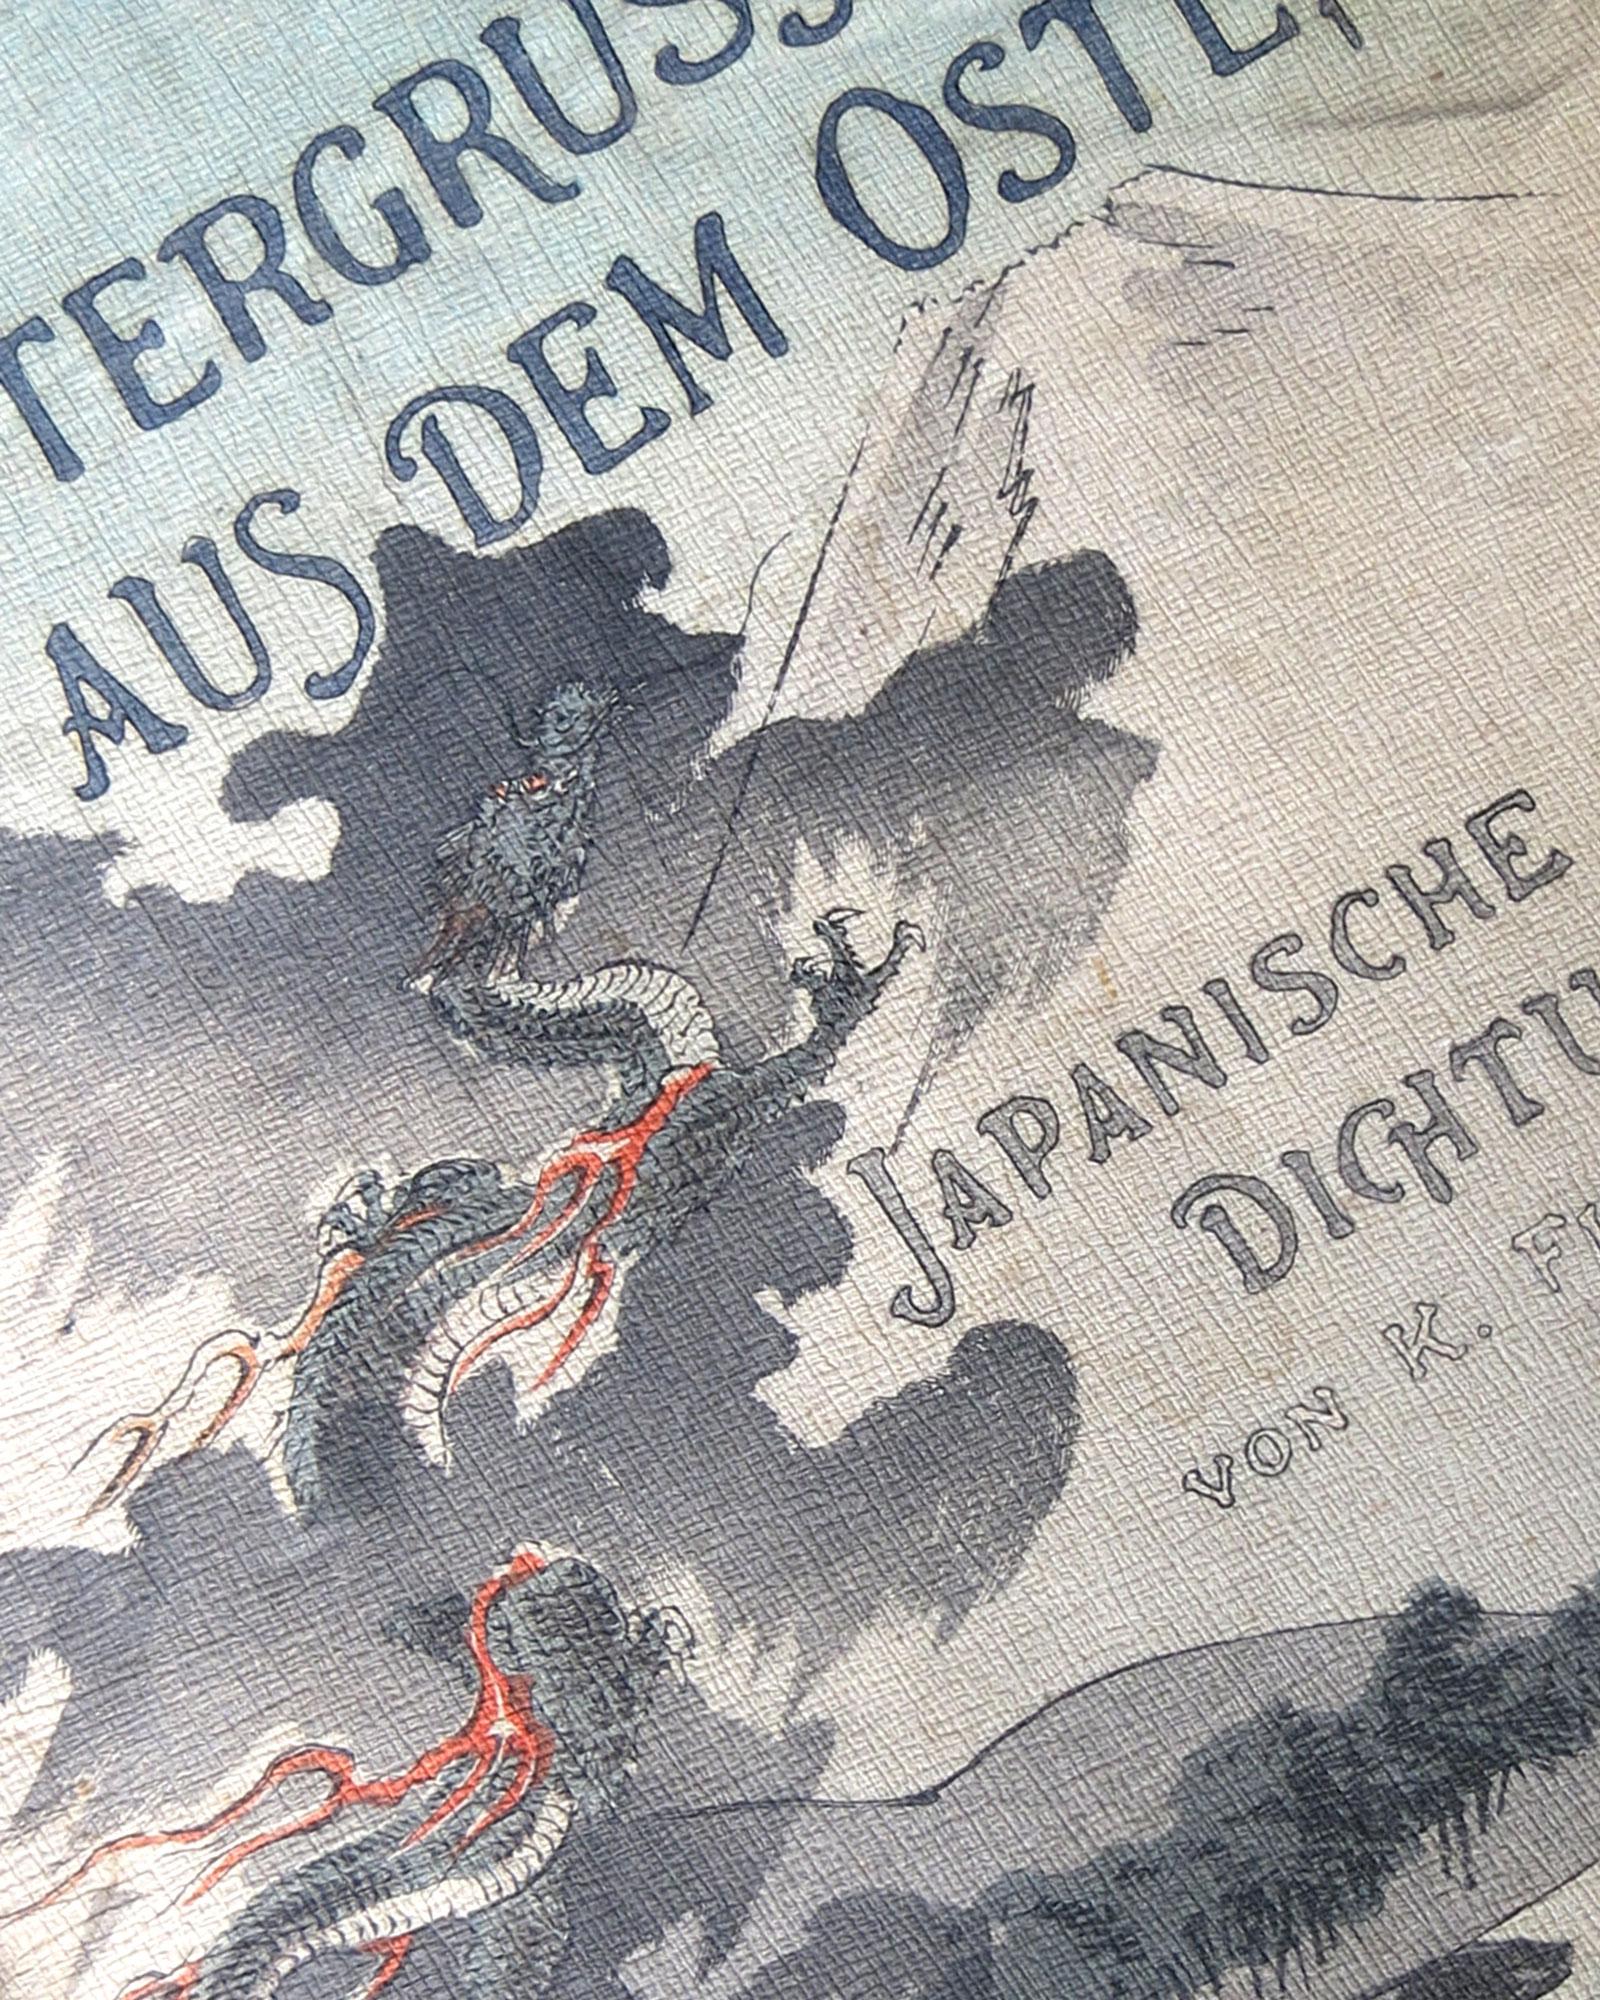 Dichtergrüsse aus dem Osten. Japanische Dichtungen übertragen von K. F. Druck. Siebende Tausend. Illustrationen u. Papier von T. Hasegawa